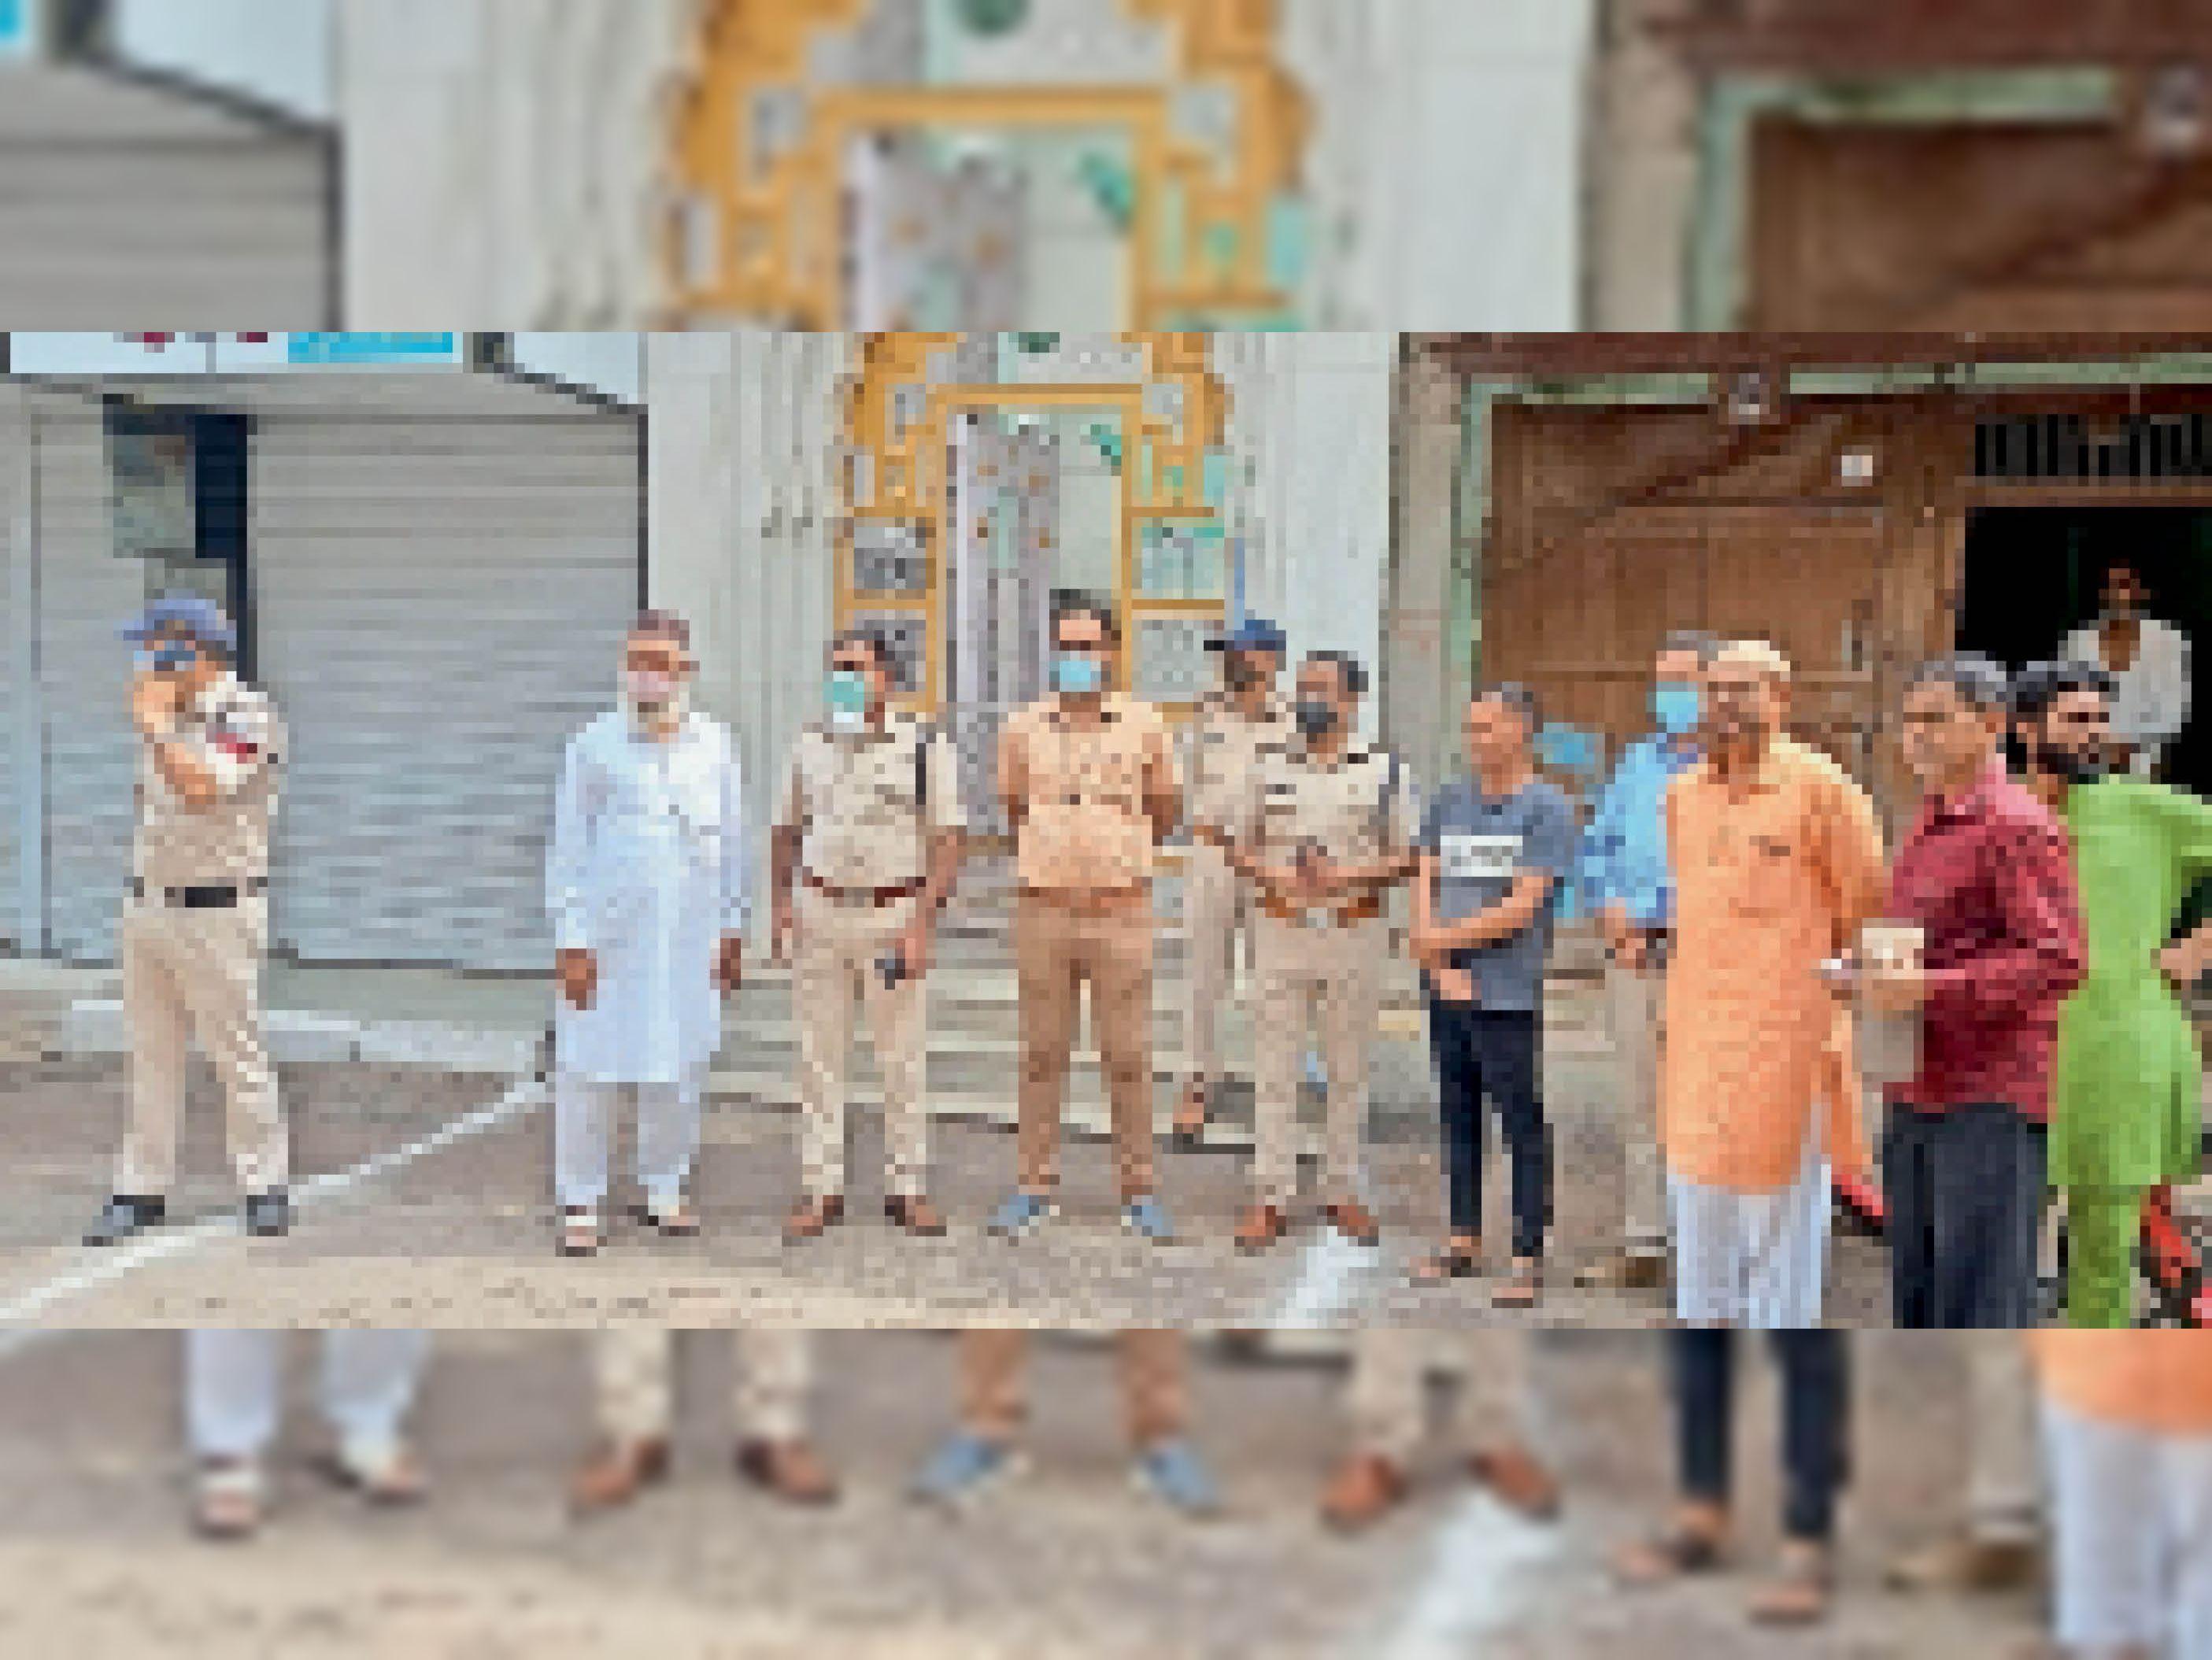 जामा मस्जिद के बाहर मौजूद प्रशासनिक अमला और समाजजन। - Dainik Bhaskar